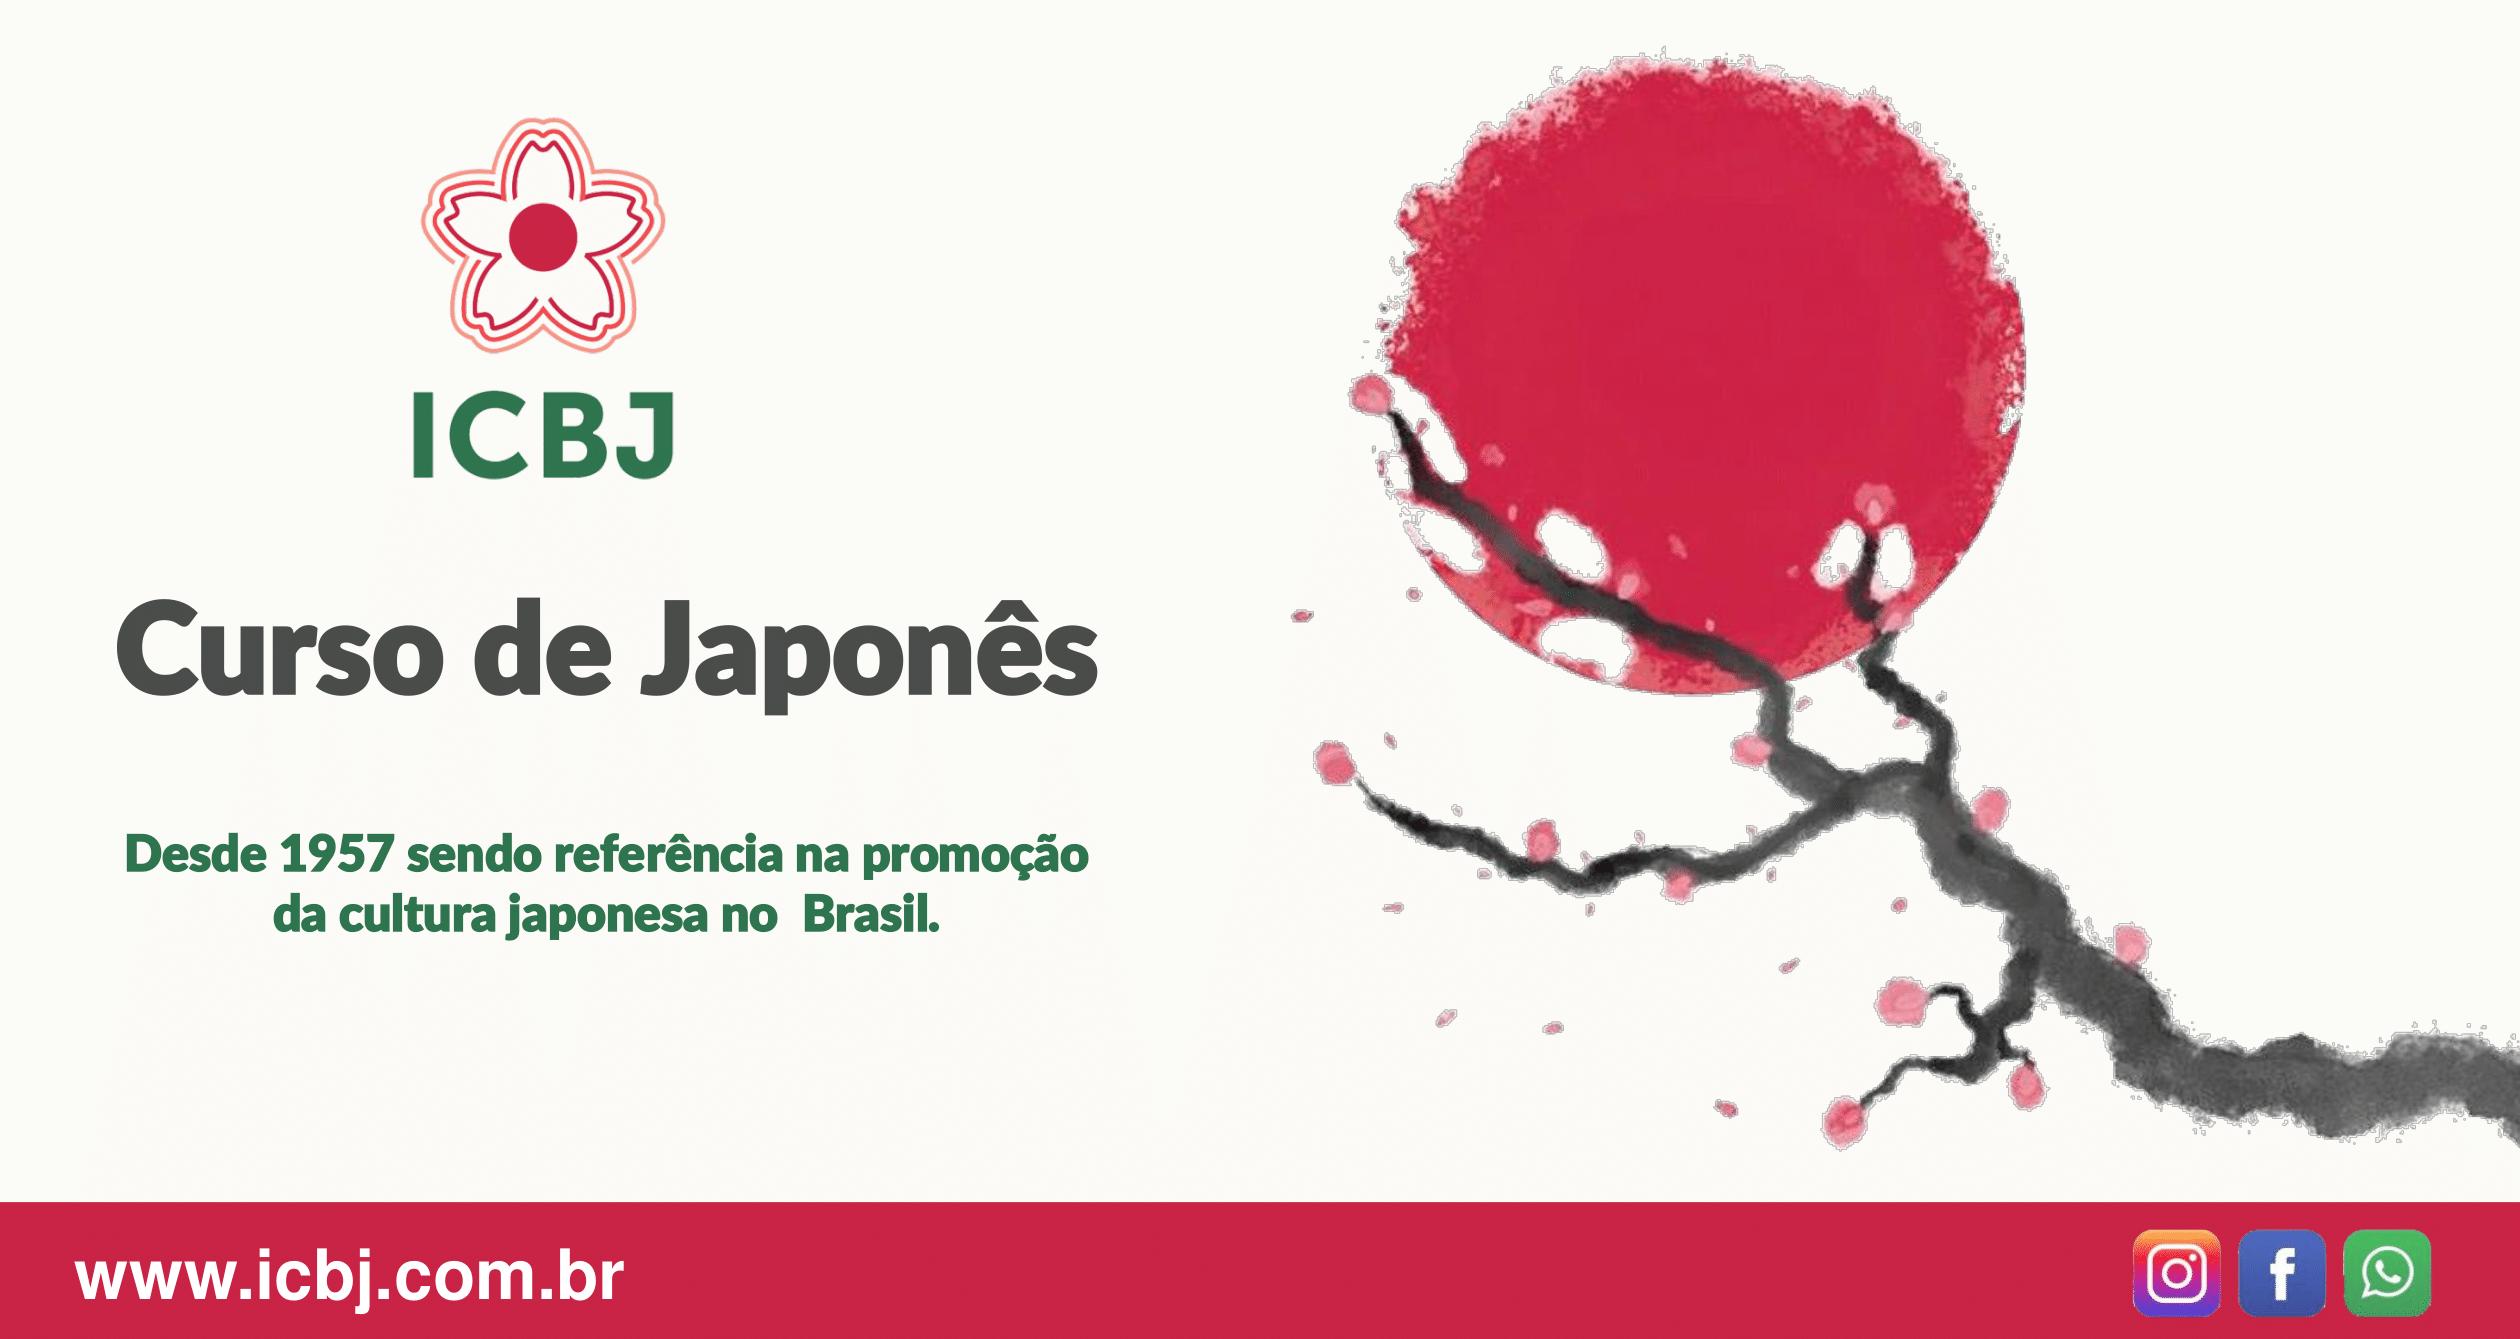 ICBJ_modelo_curso_de_japones_outubro_2019-1